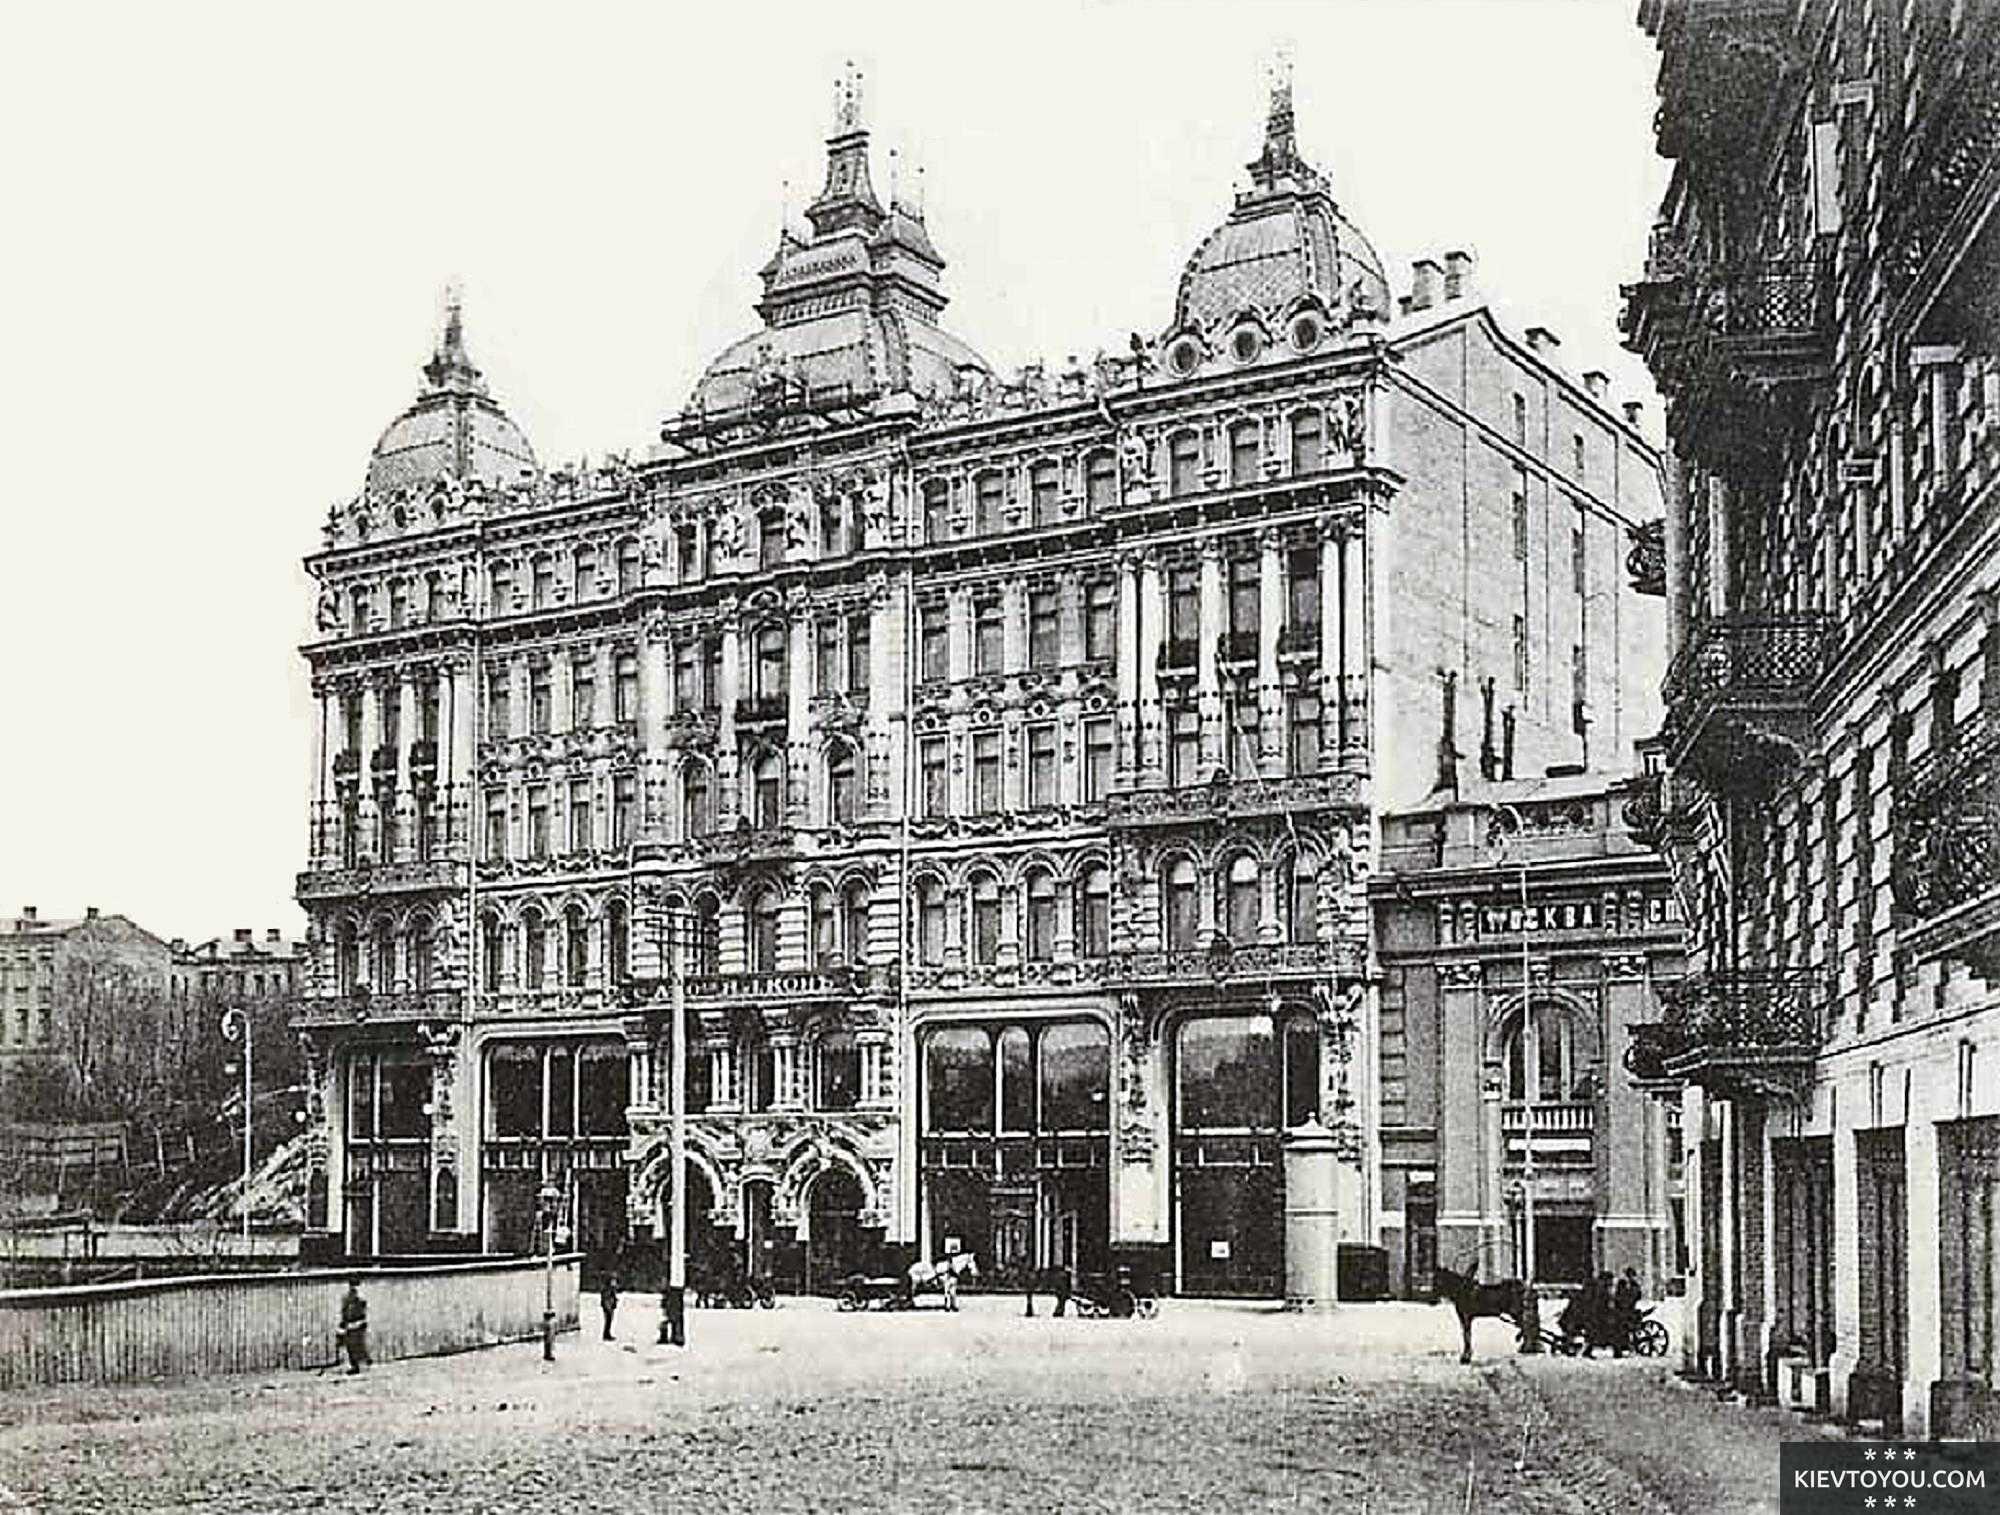 Дом Гинзбурга - первый небоскреб Киева, имел 12 этажей